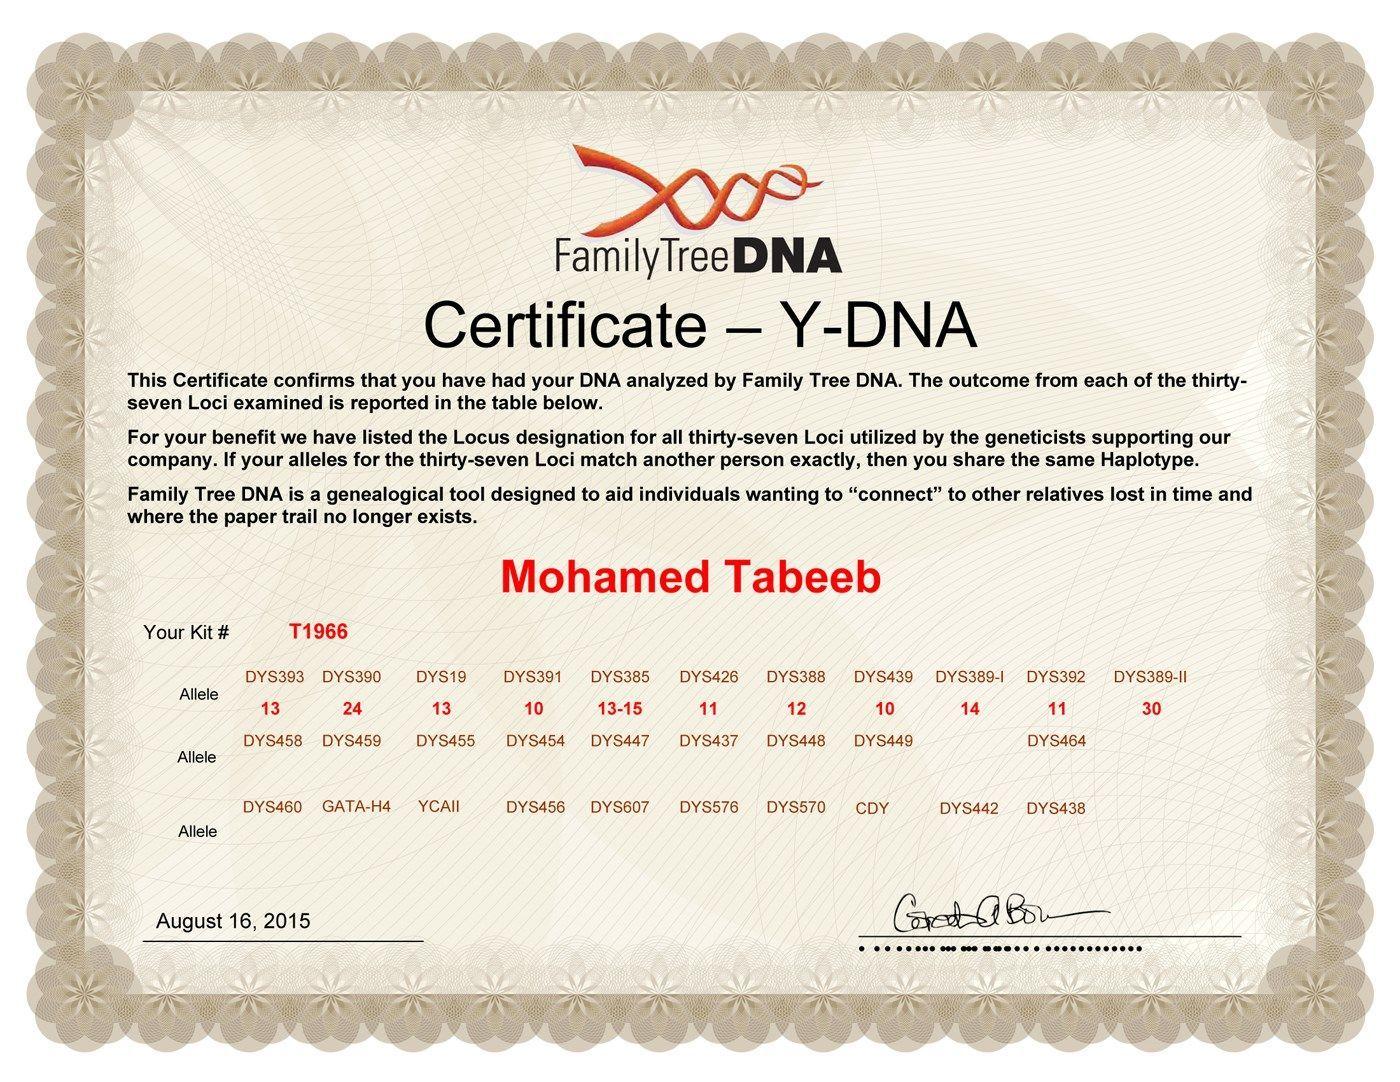 ظهور نتيجة العينة T1966 من عائلة الطبيب من مدينة مسلاتة - بني مسلم